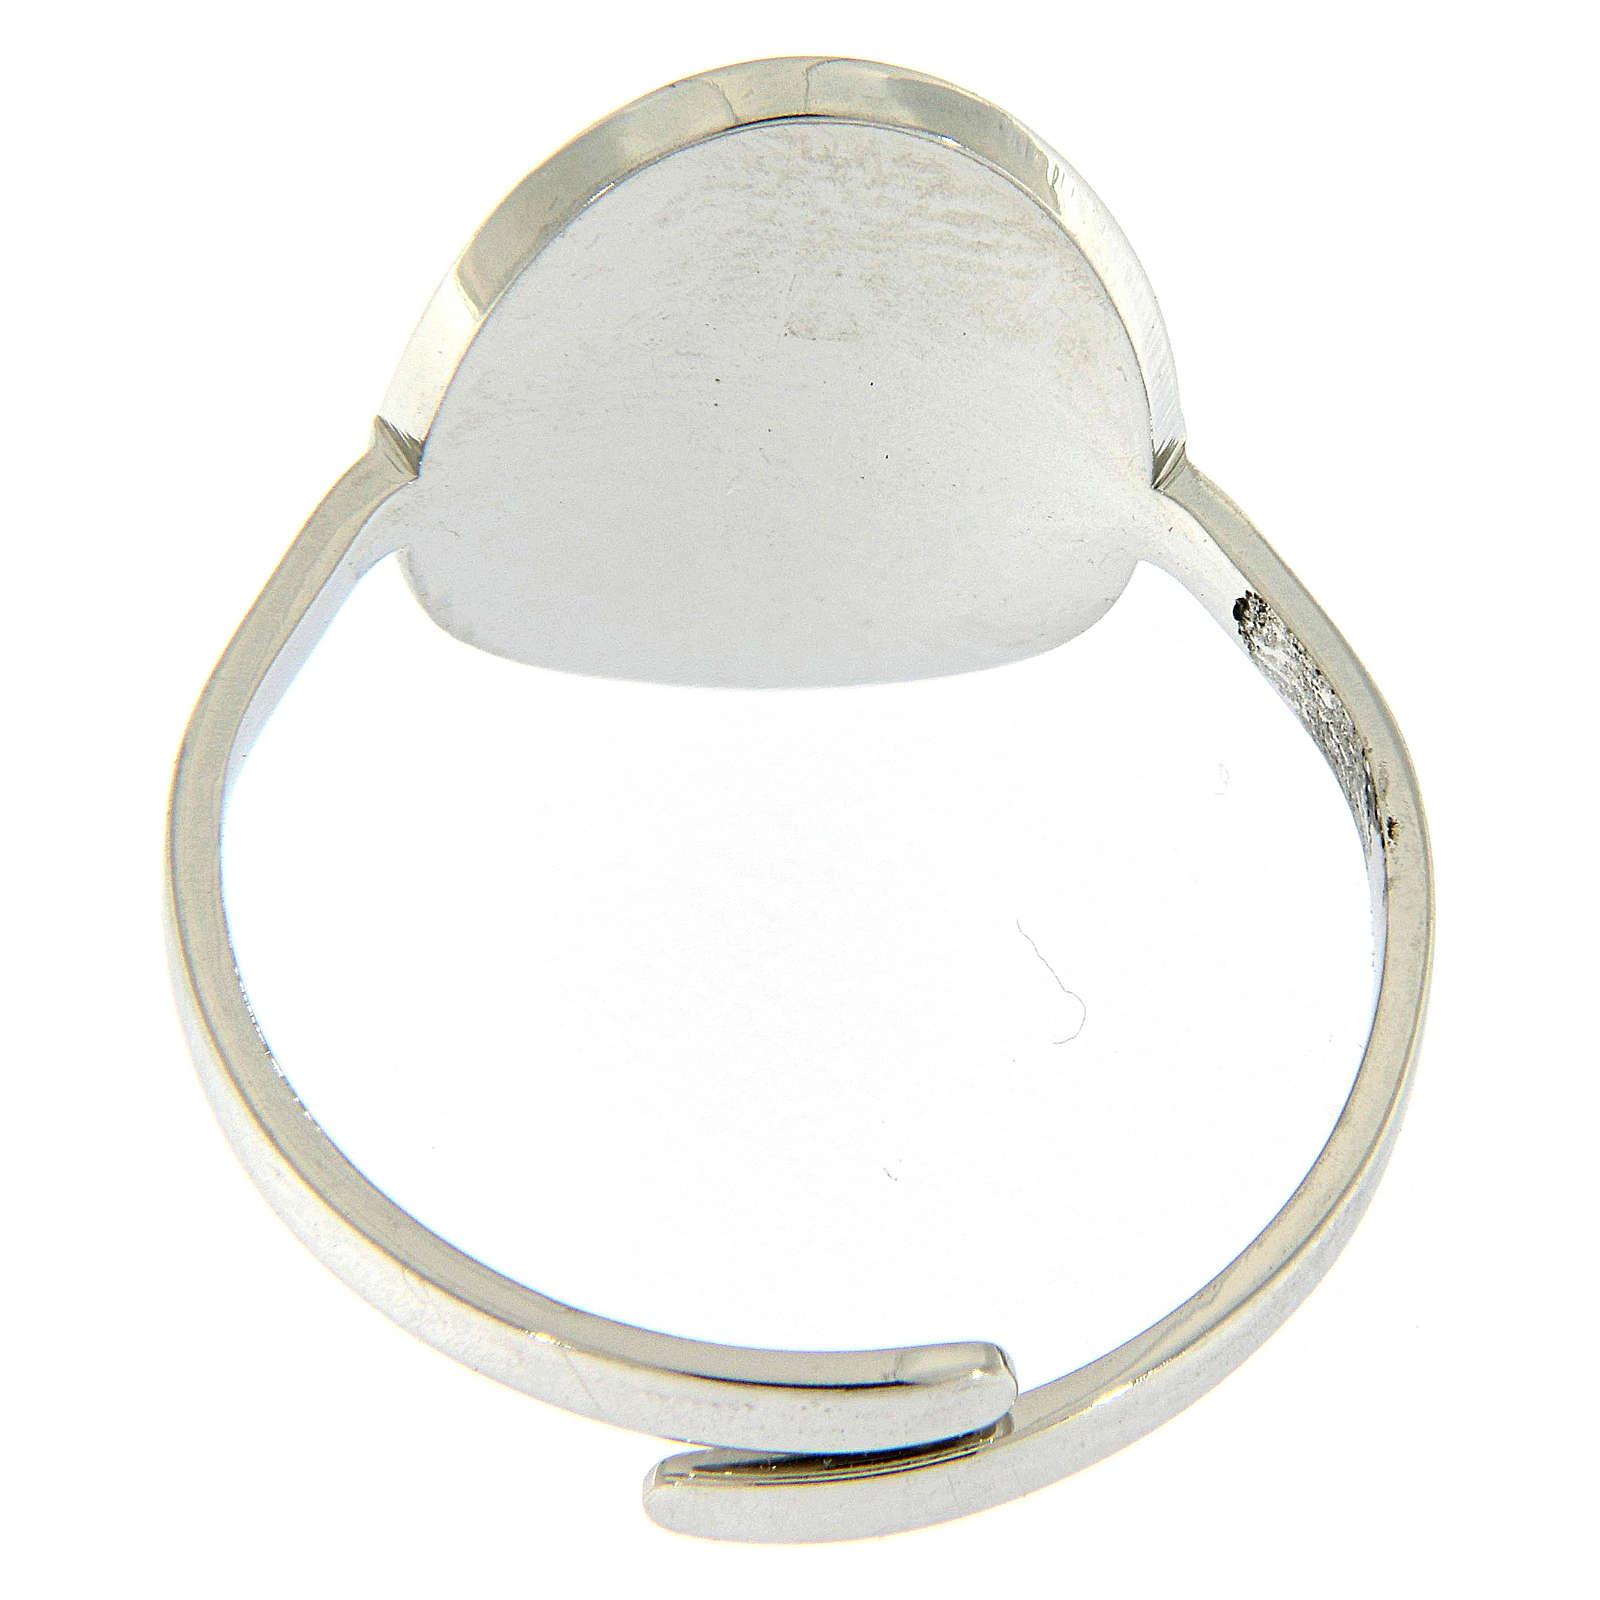 Anello acciaio argentato madonna Medjugorje brillantini neri 4